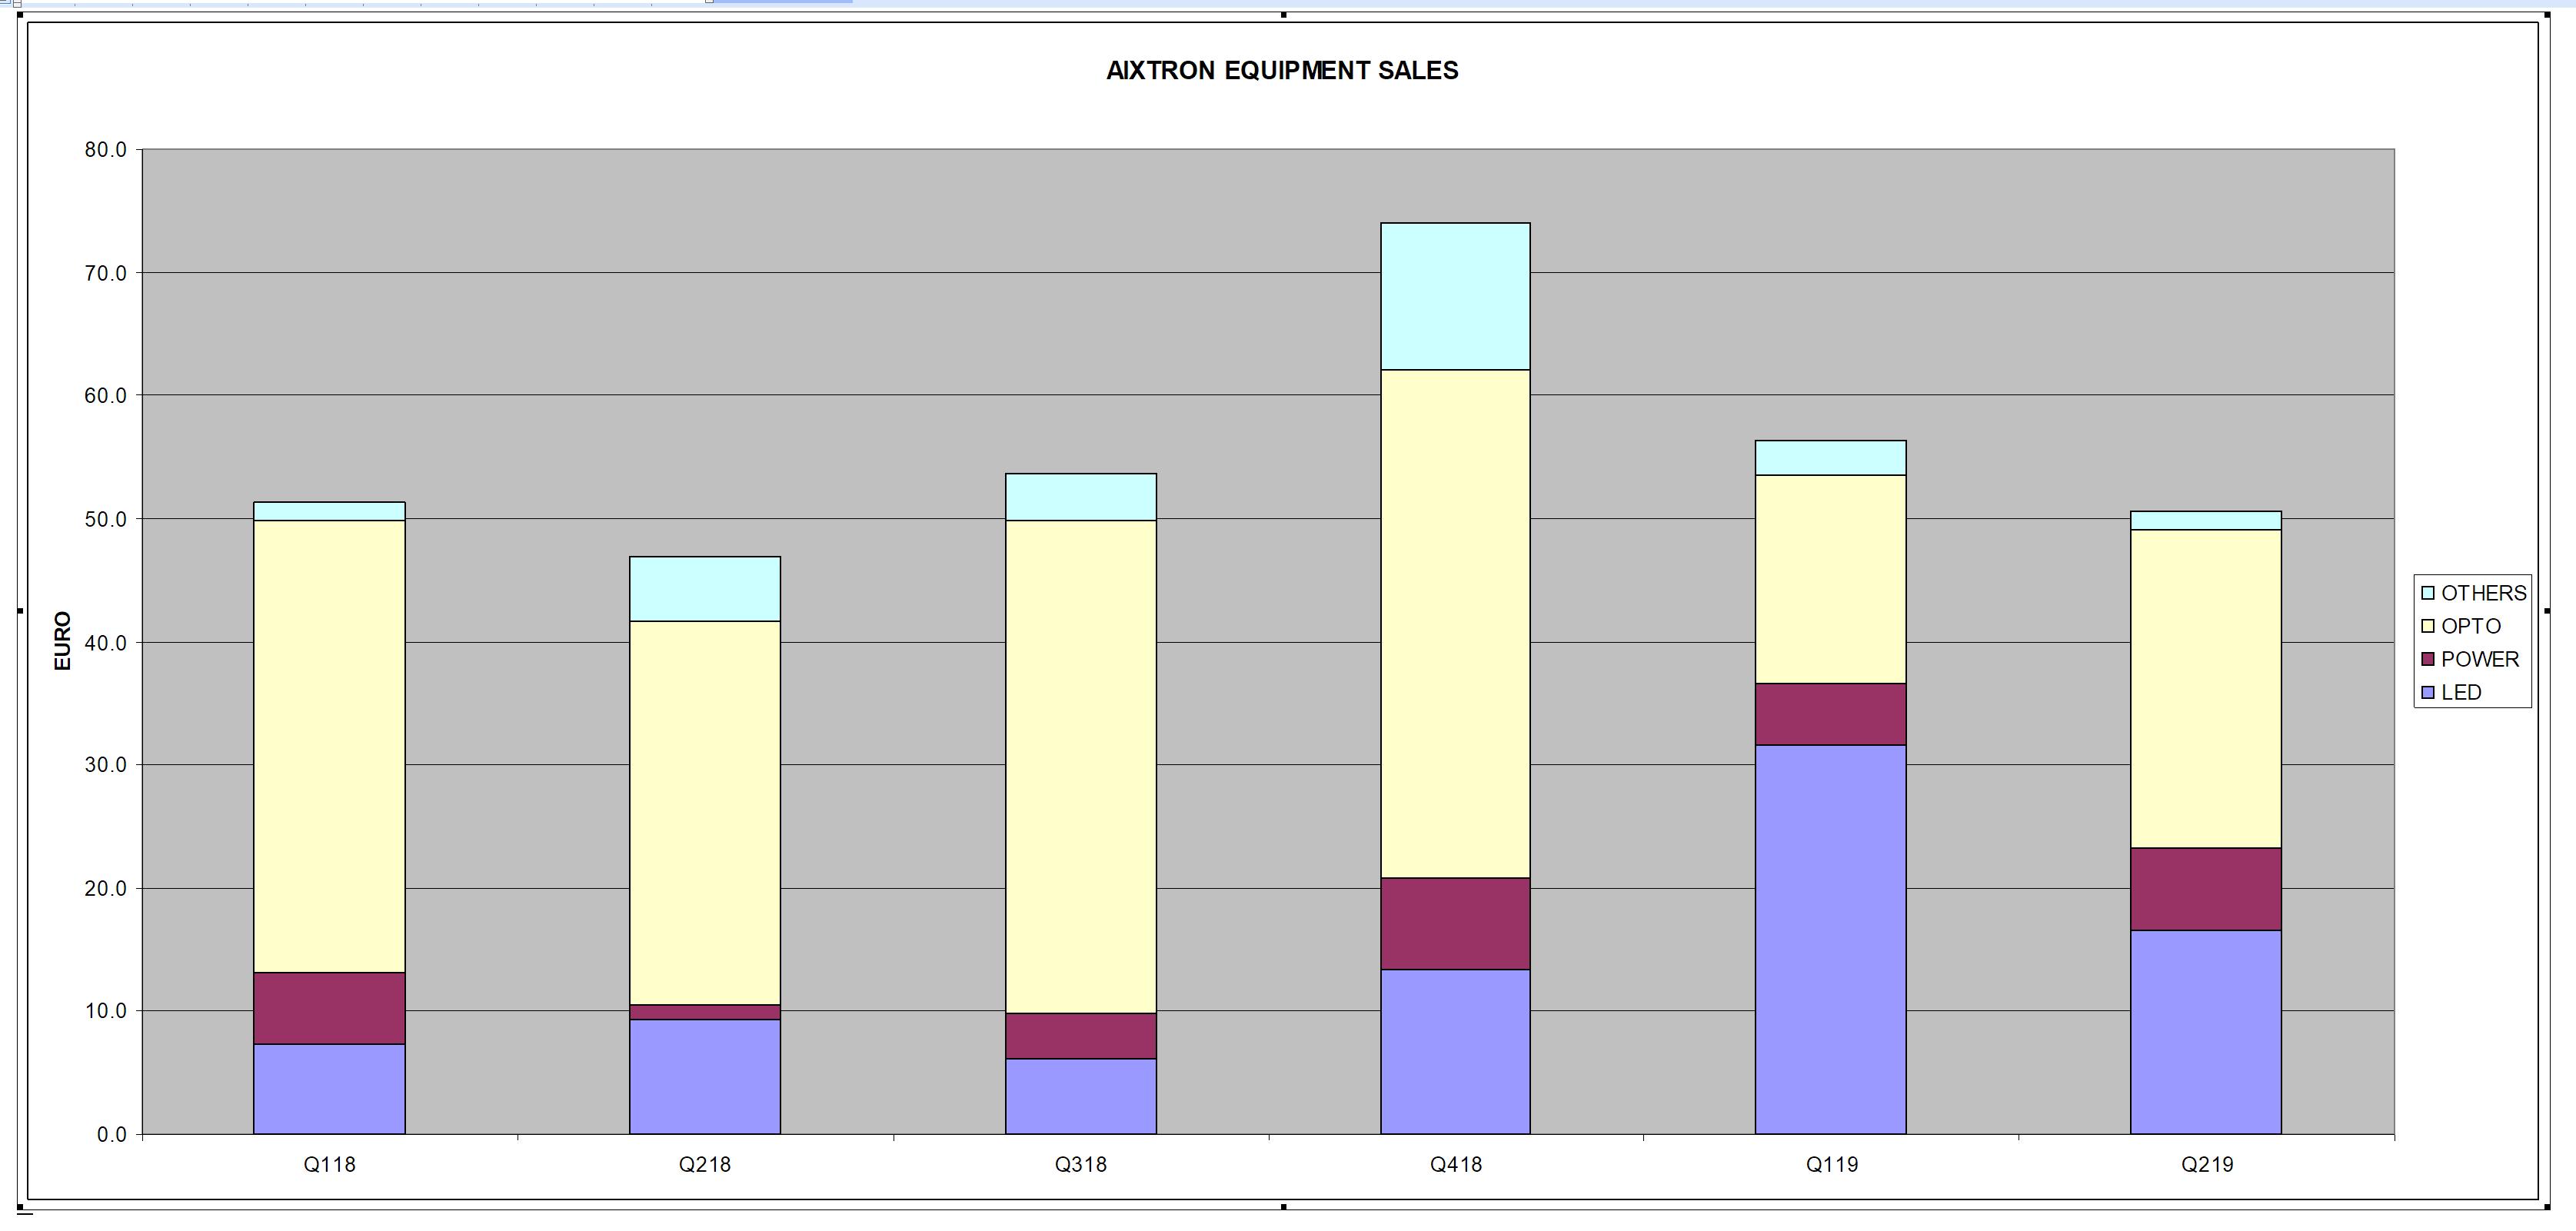 aixtron_equipment_sales.png